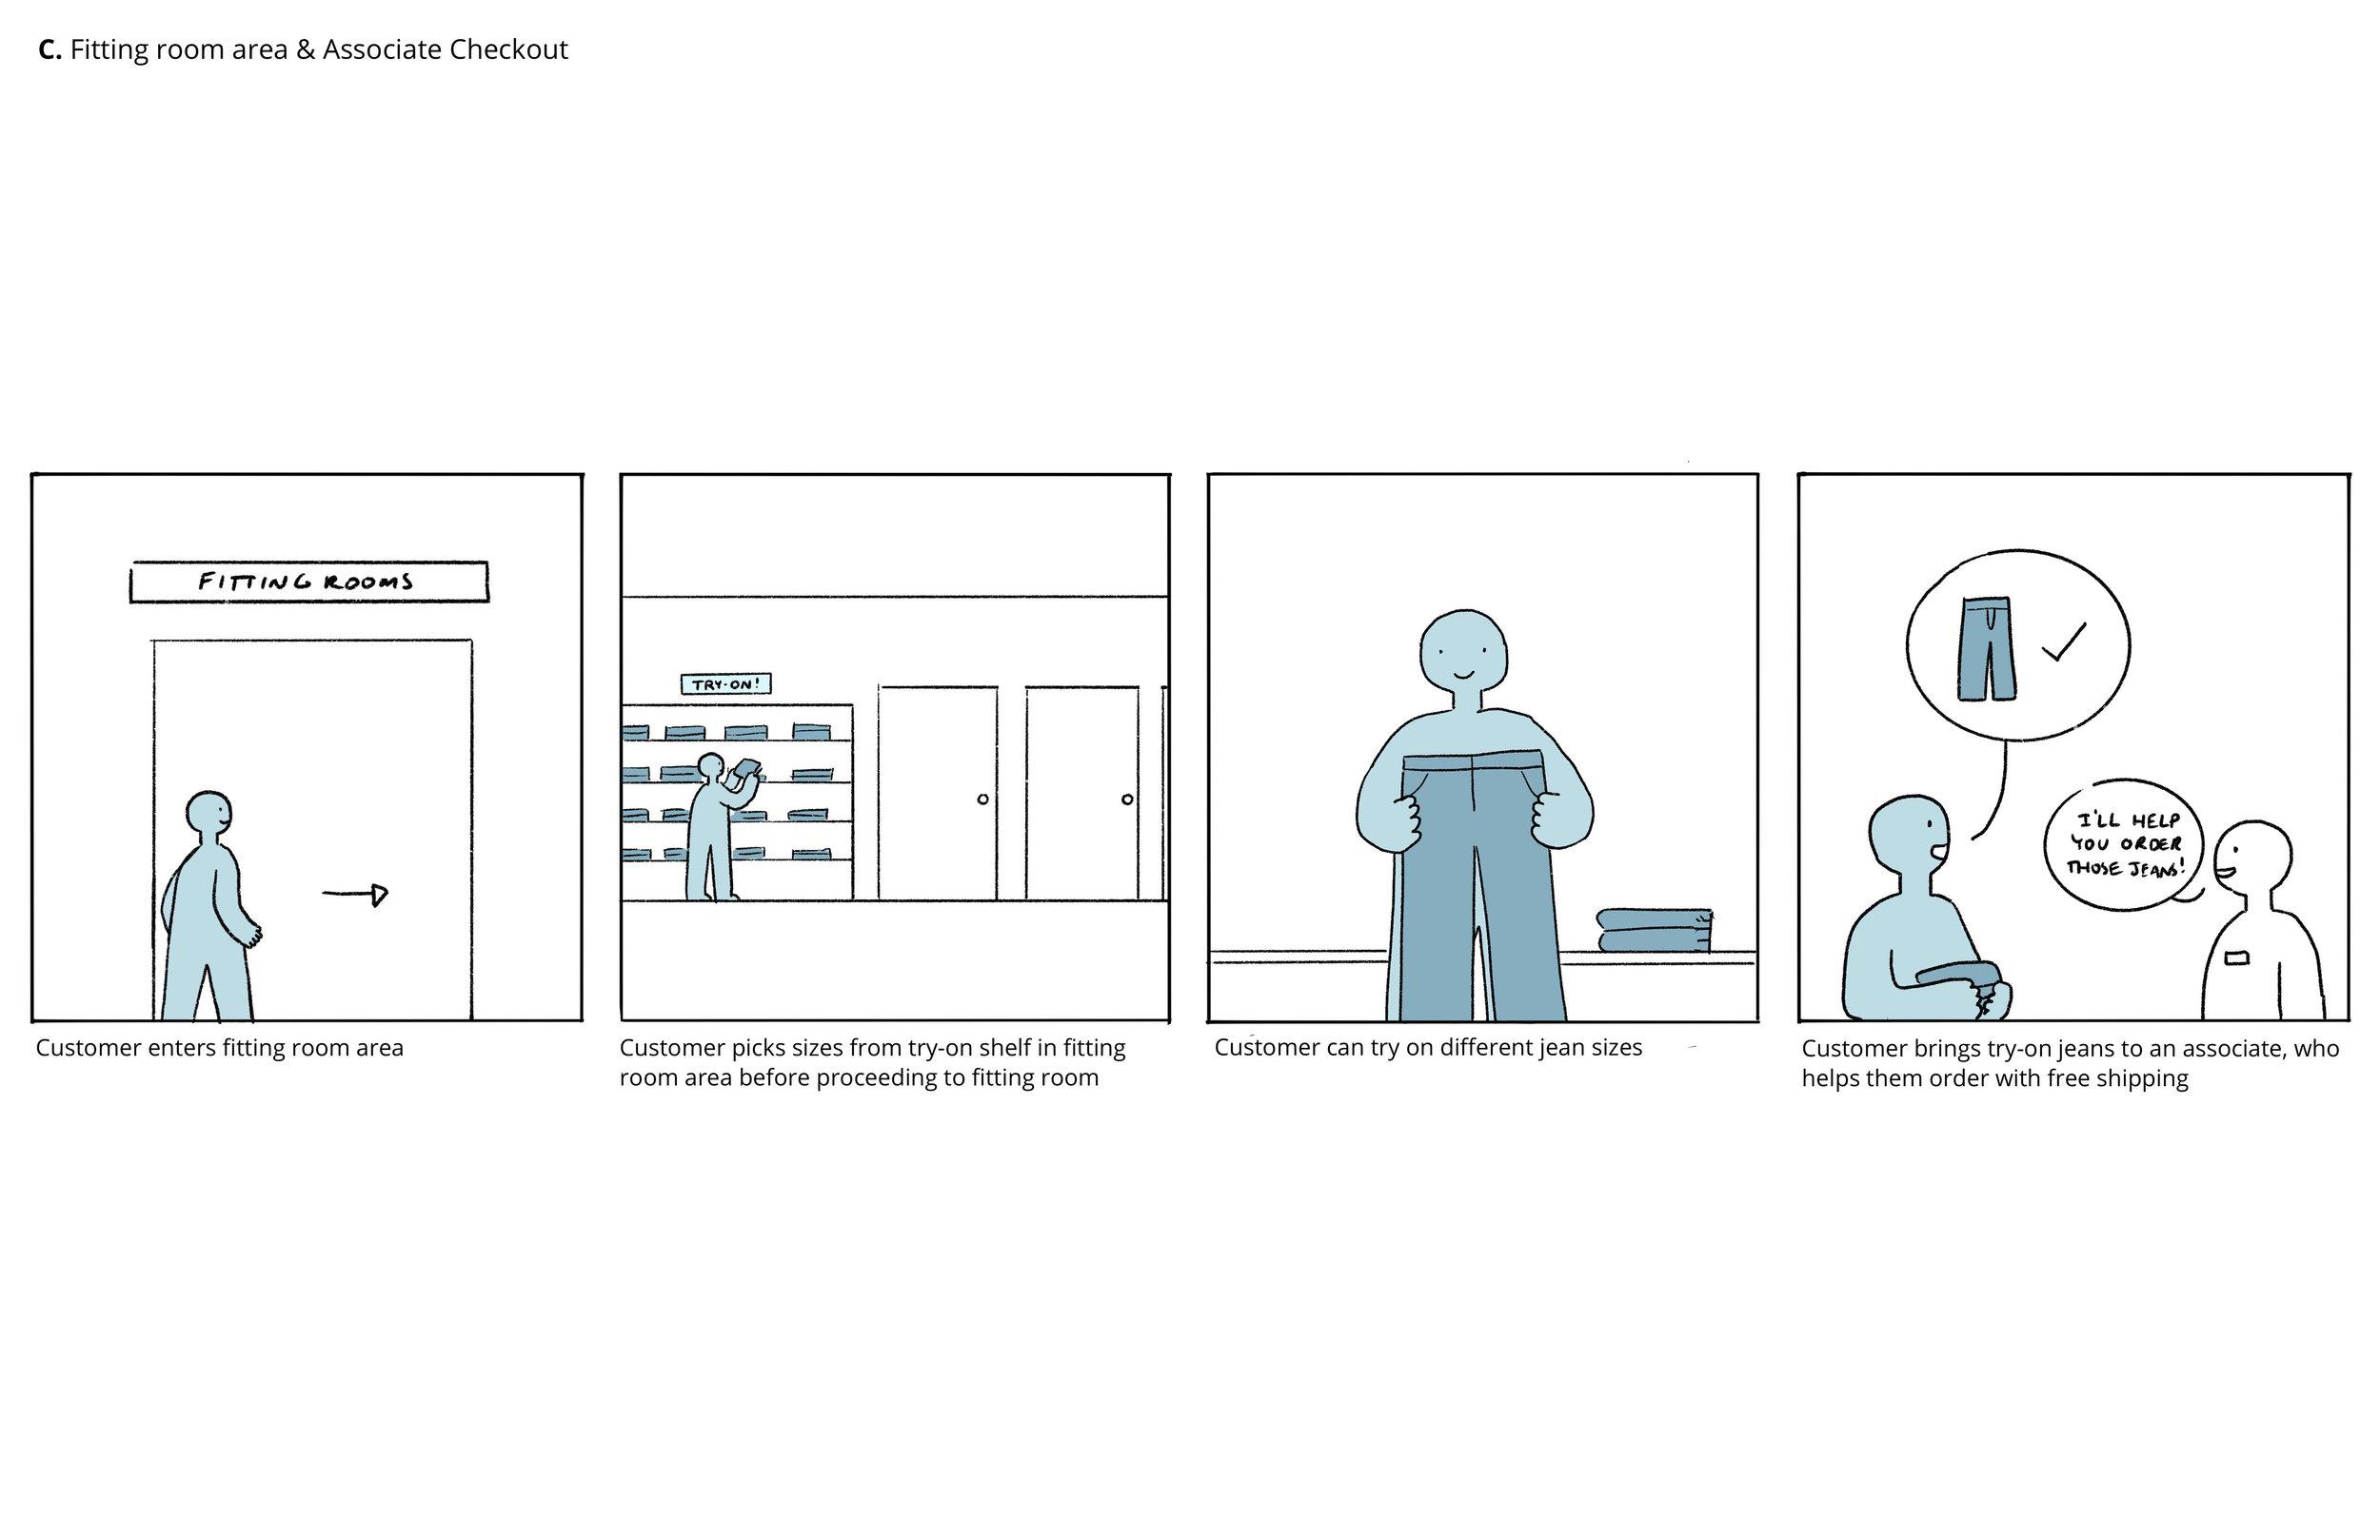 3_fittingroomarea.jpg